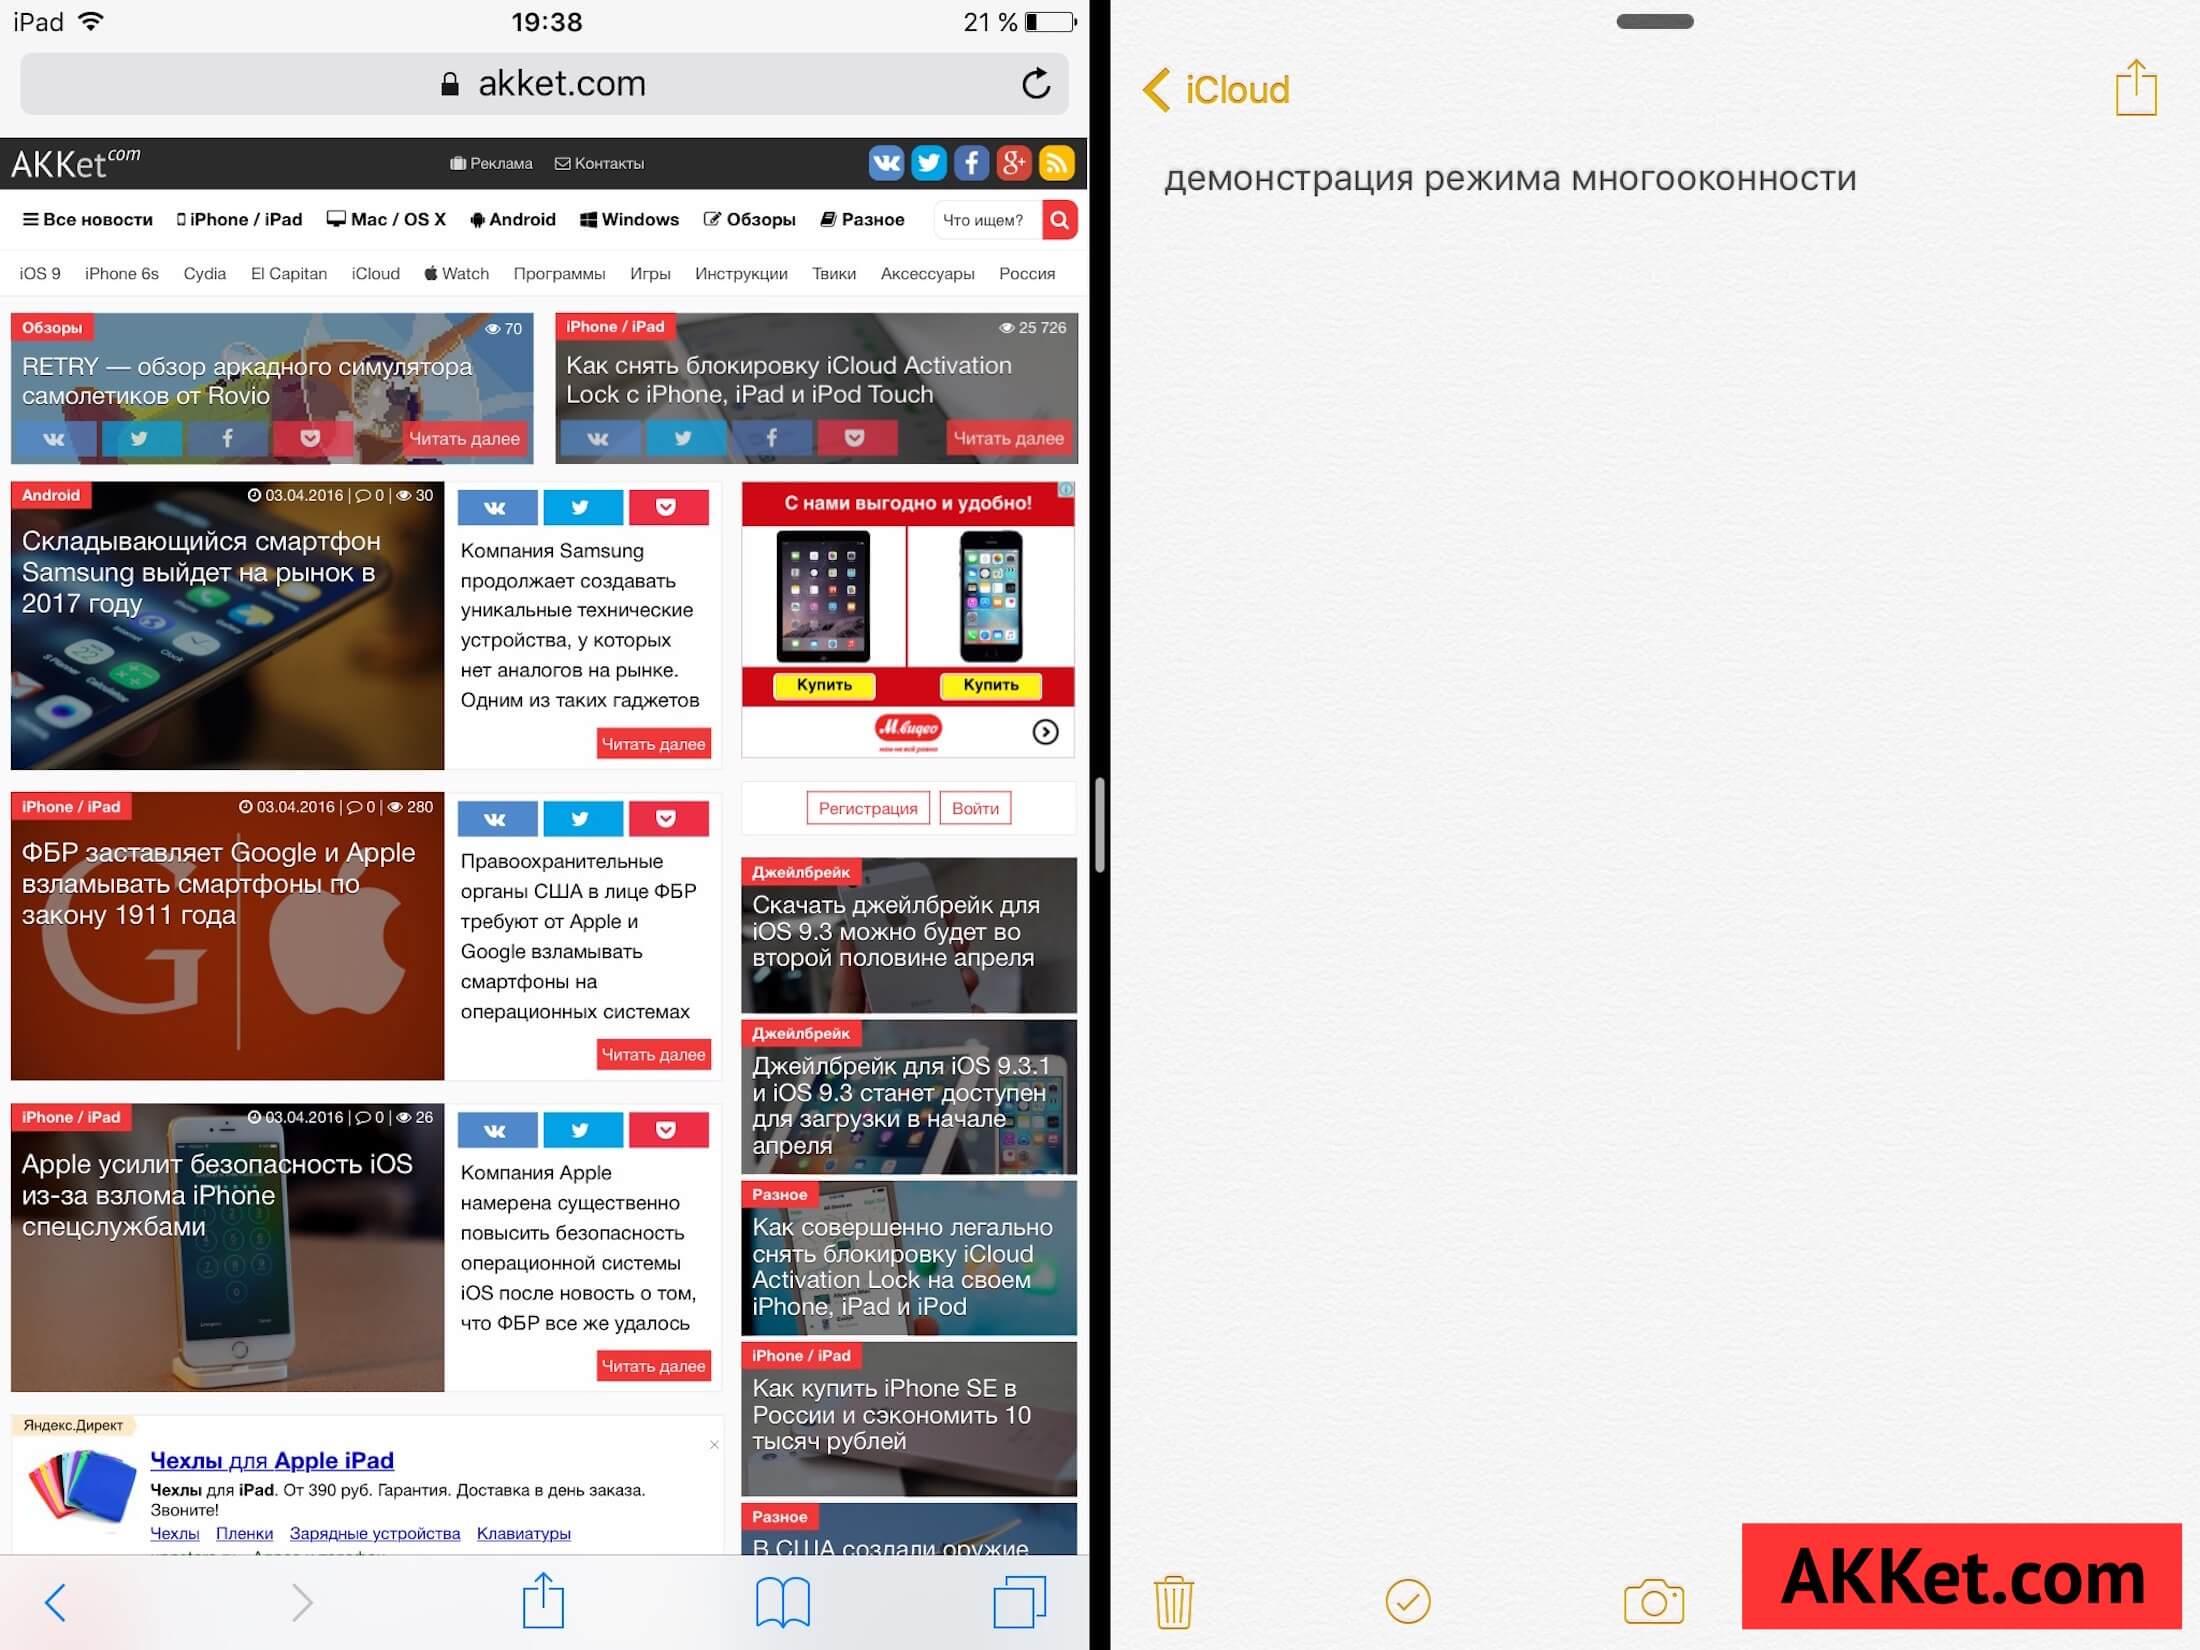 iPad mini 4 Full Review russia 10